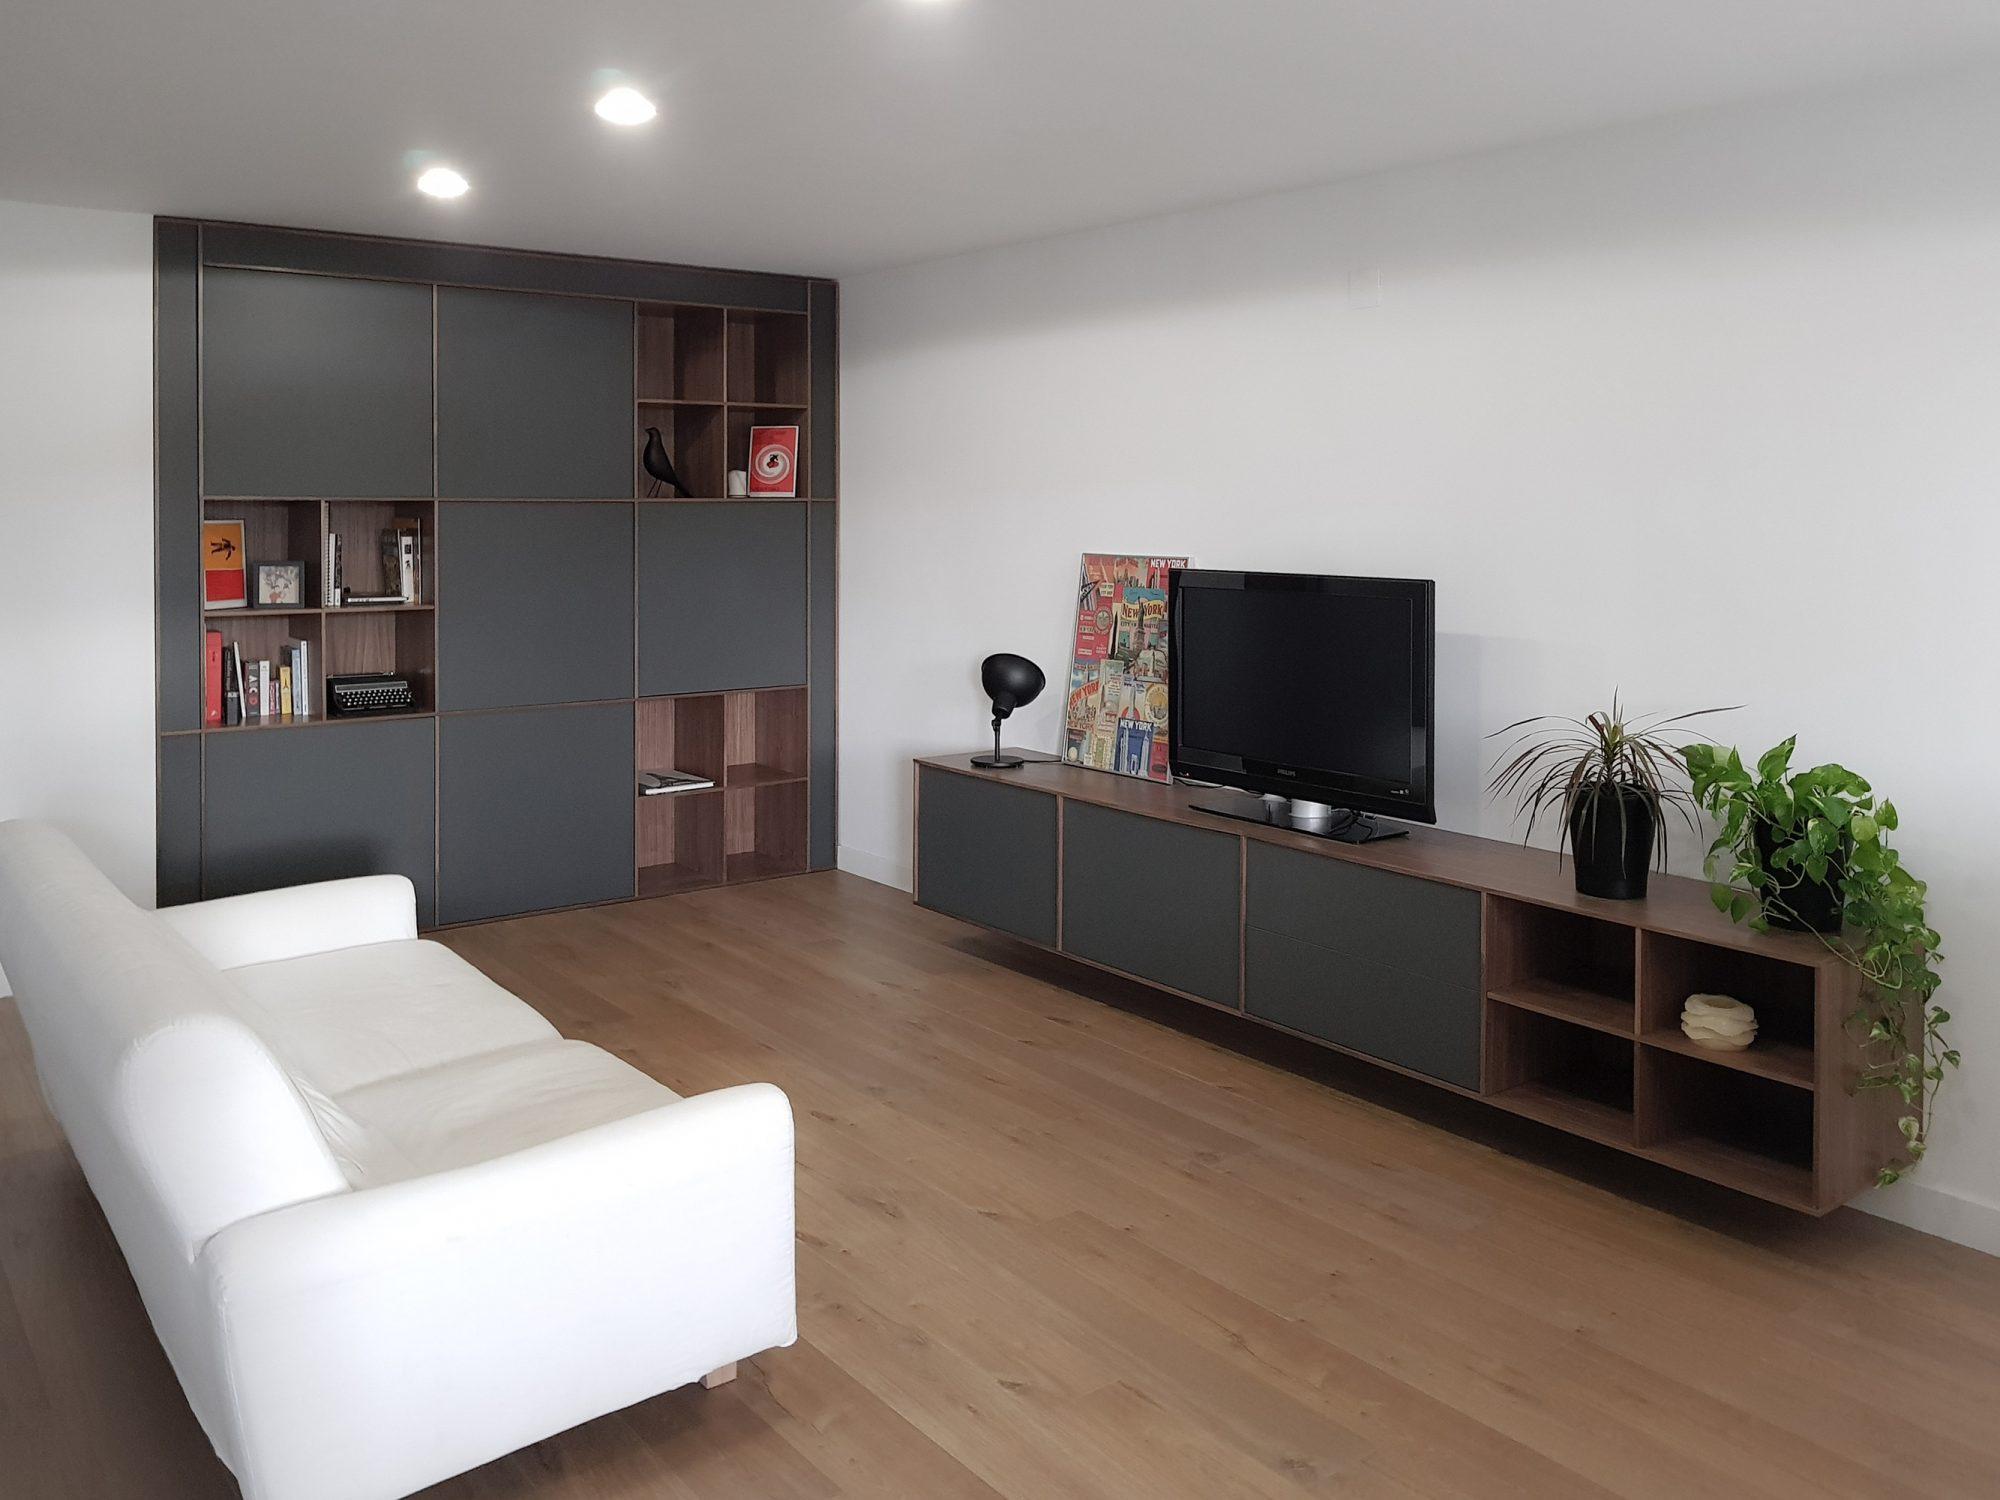 Muebles a medida Lajusticia_instalación